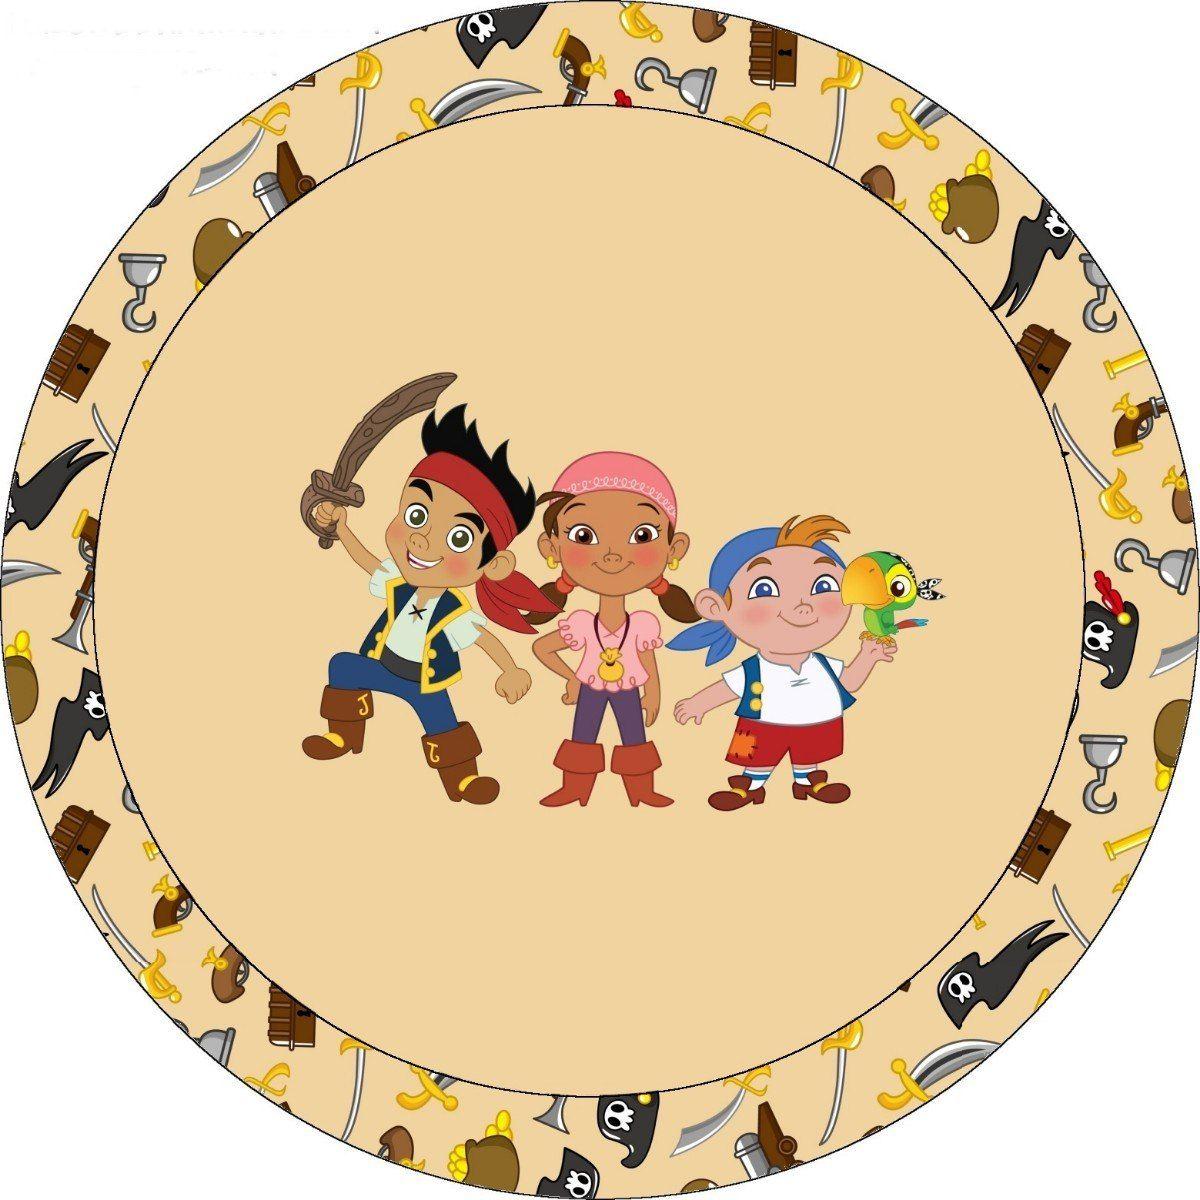 Decoraci n jake y los piratas de nunca jam s pictures to pin on - Kit Imprimibles Gratis Jake Y Los Piratas Buscar Con Google